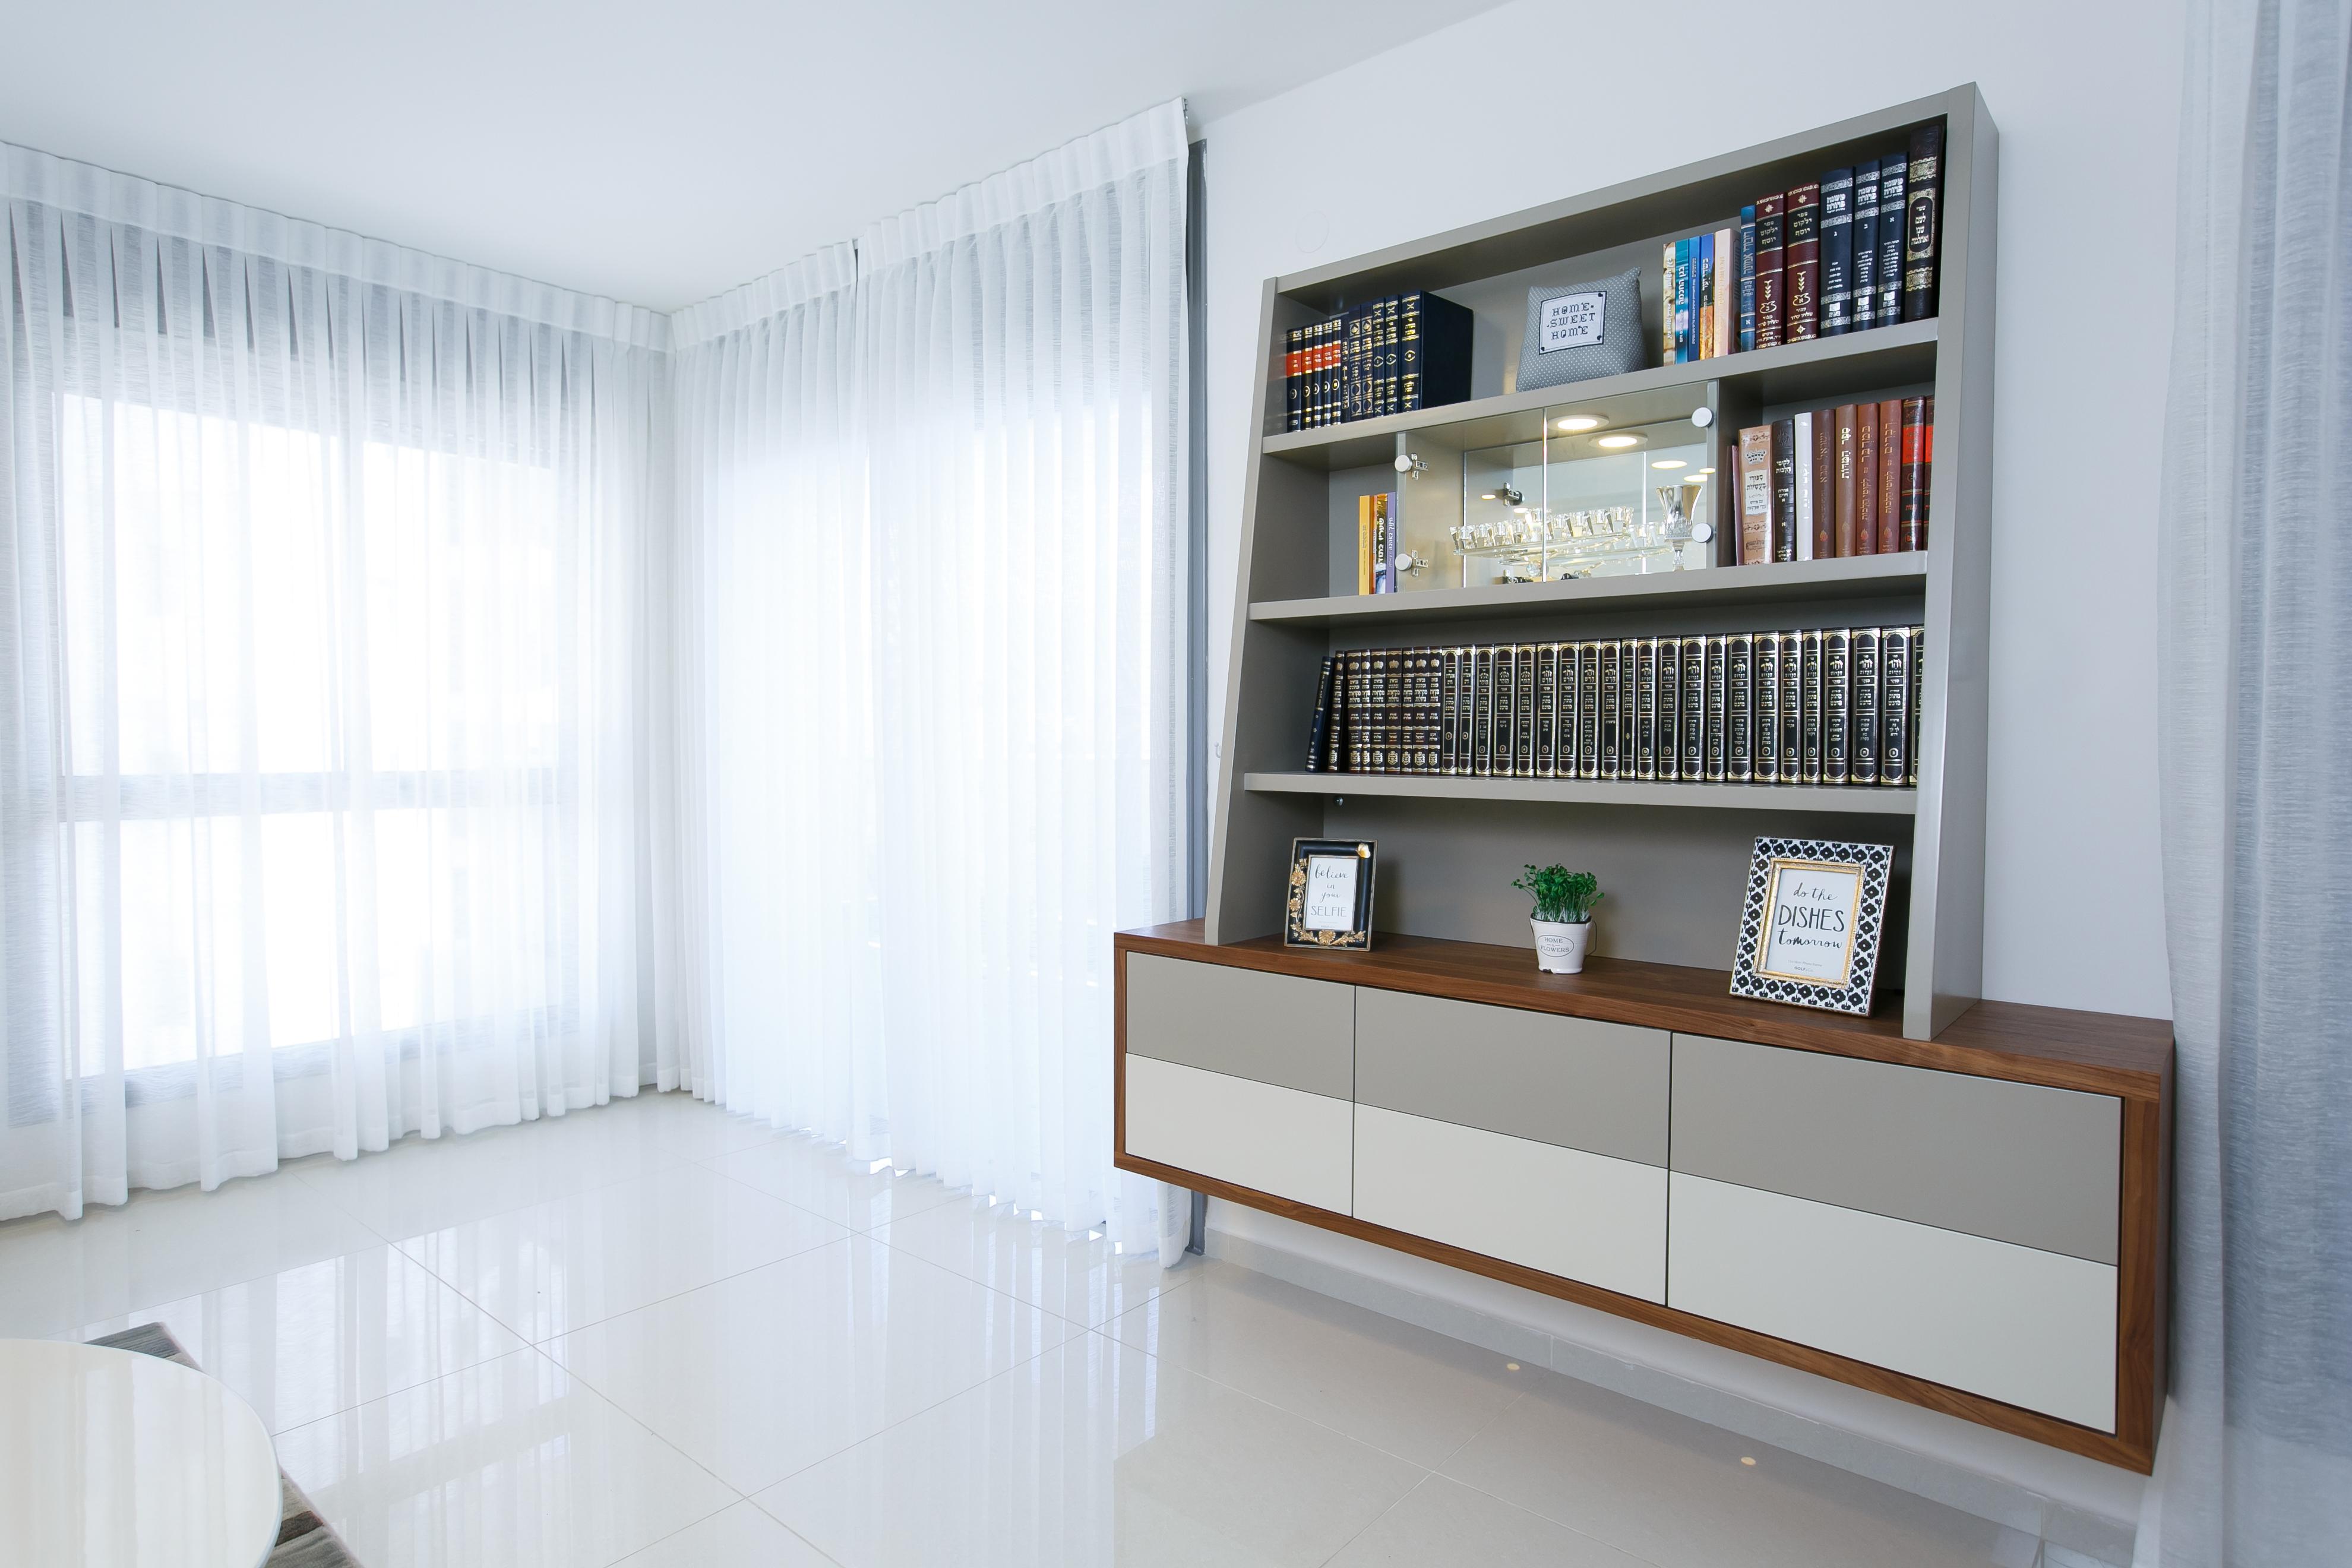 חשיבות השילוב הטבעי בין רהיטים